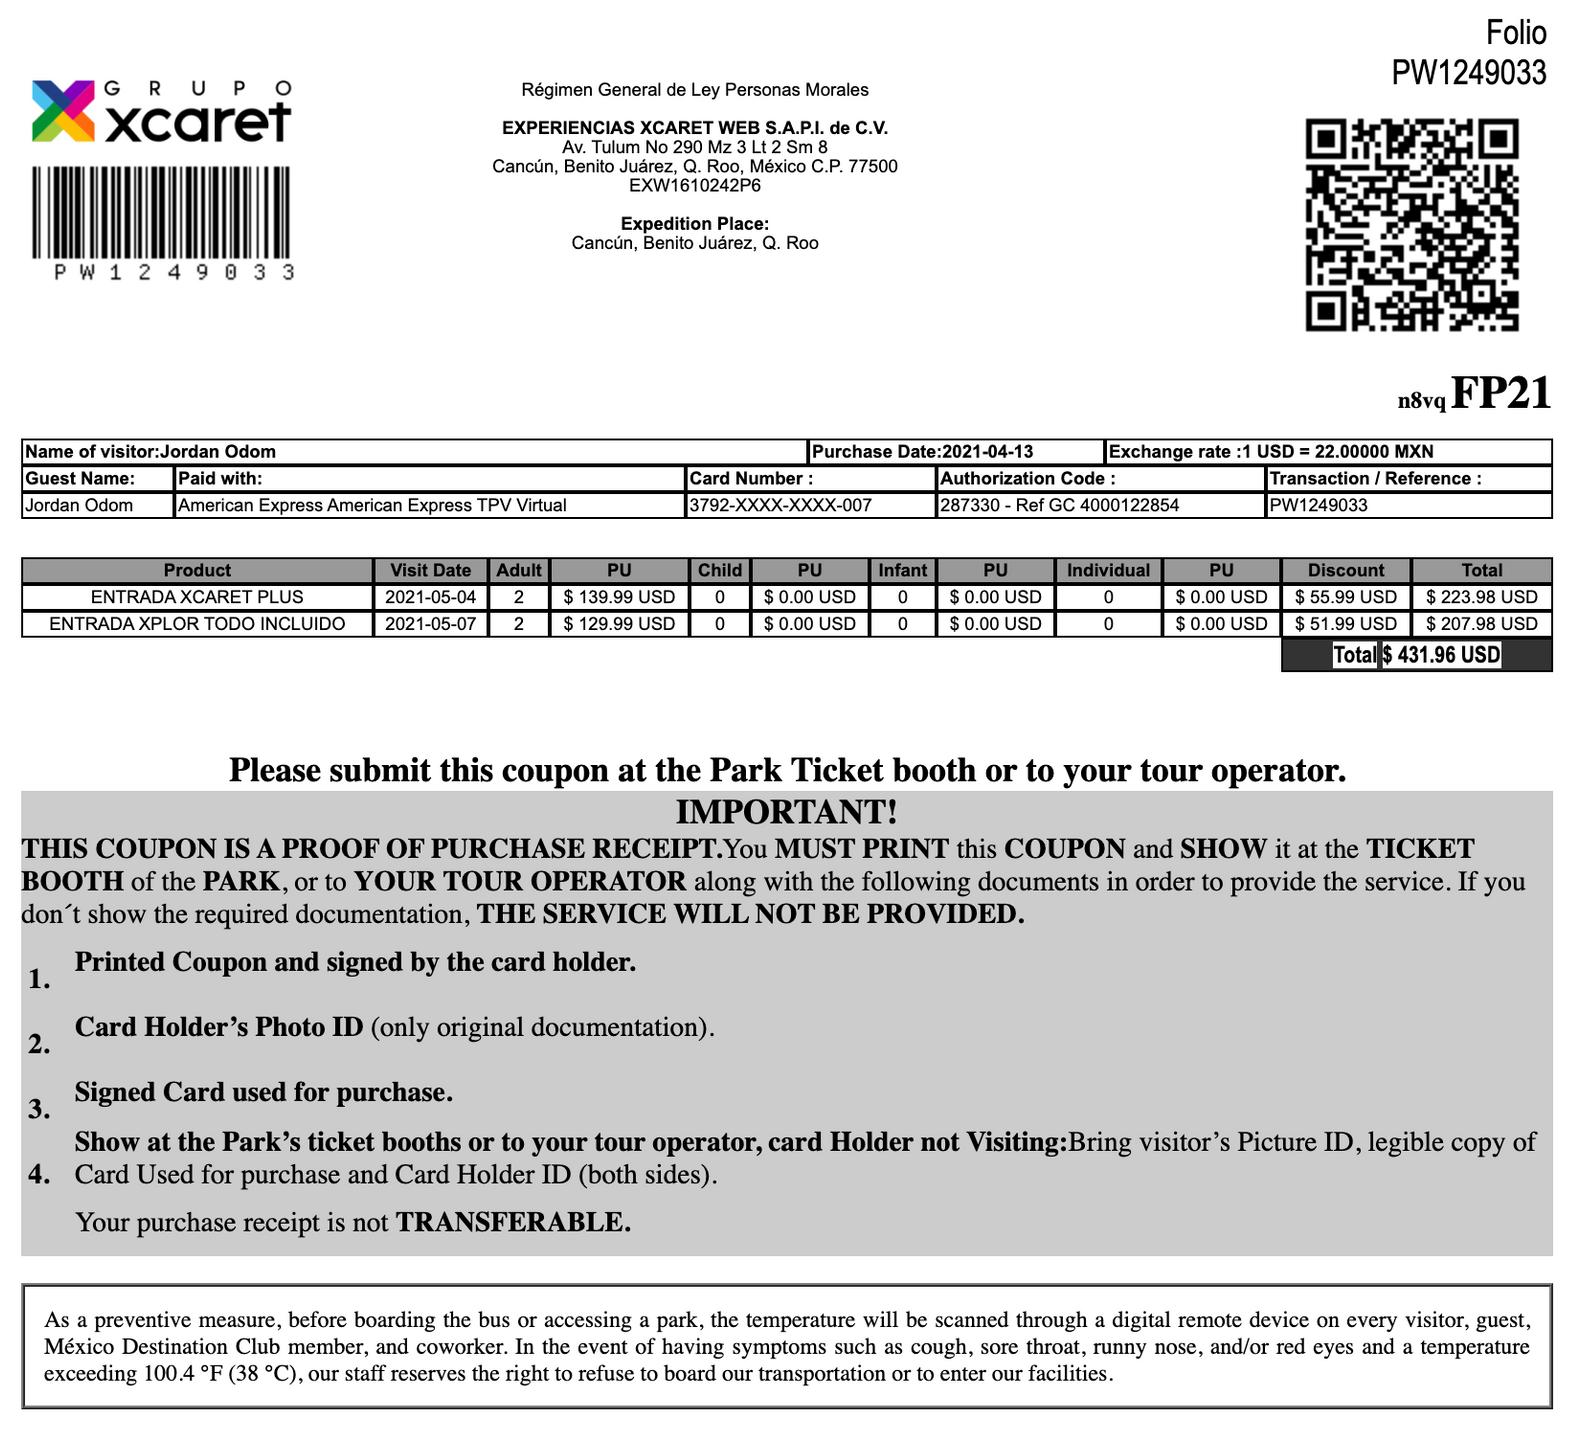 Xcaret and Xplor Receipt